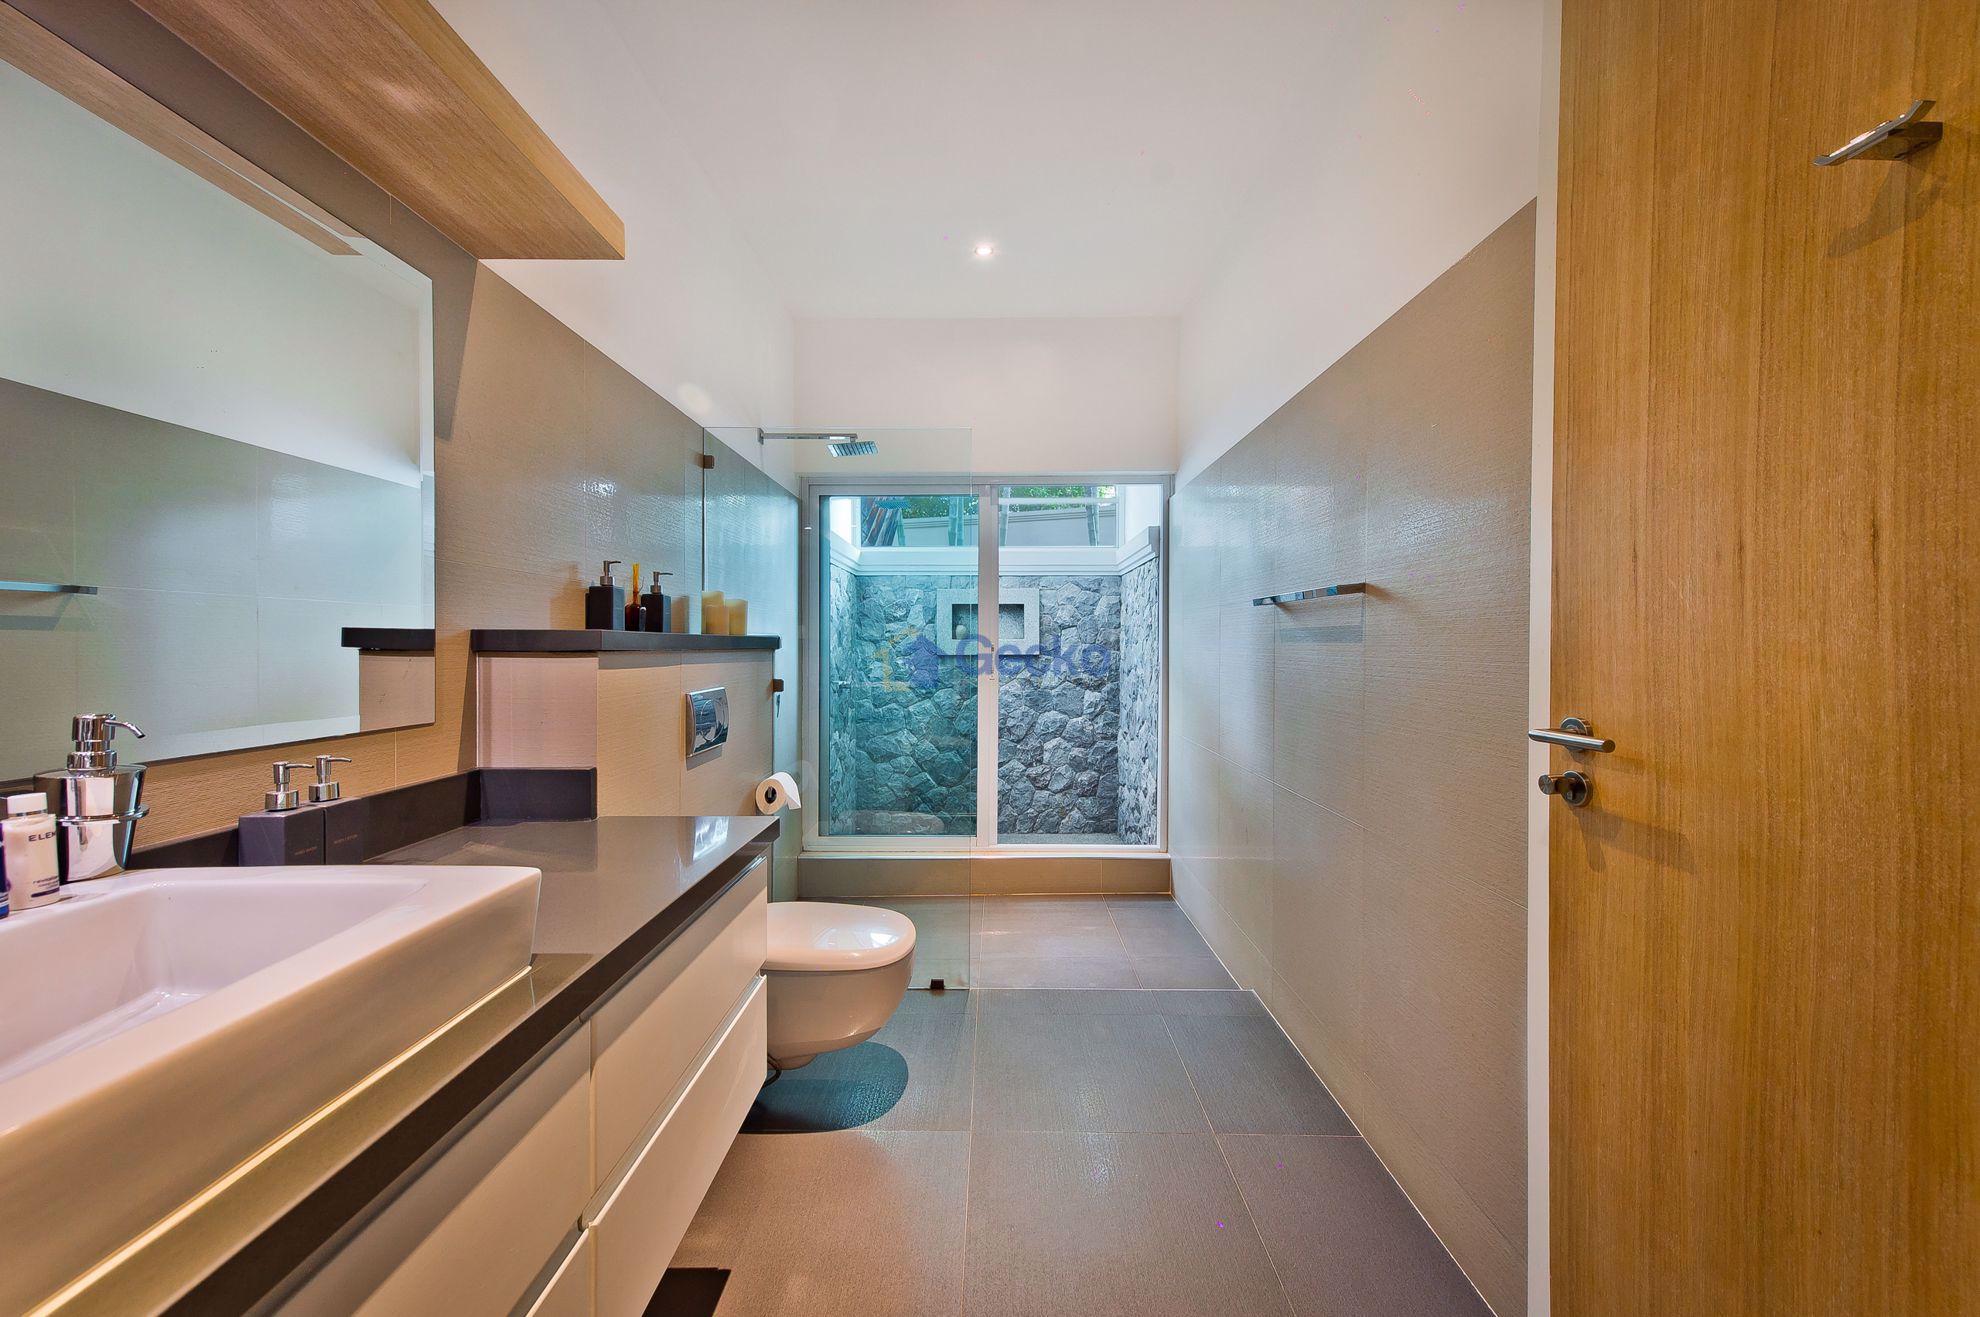 รูปภาพ 3 Bedrooms bed in House in The Vineyard Phase III in East Pattaya H009182